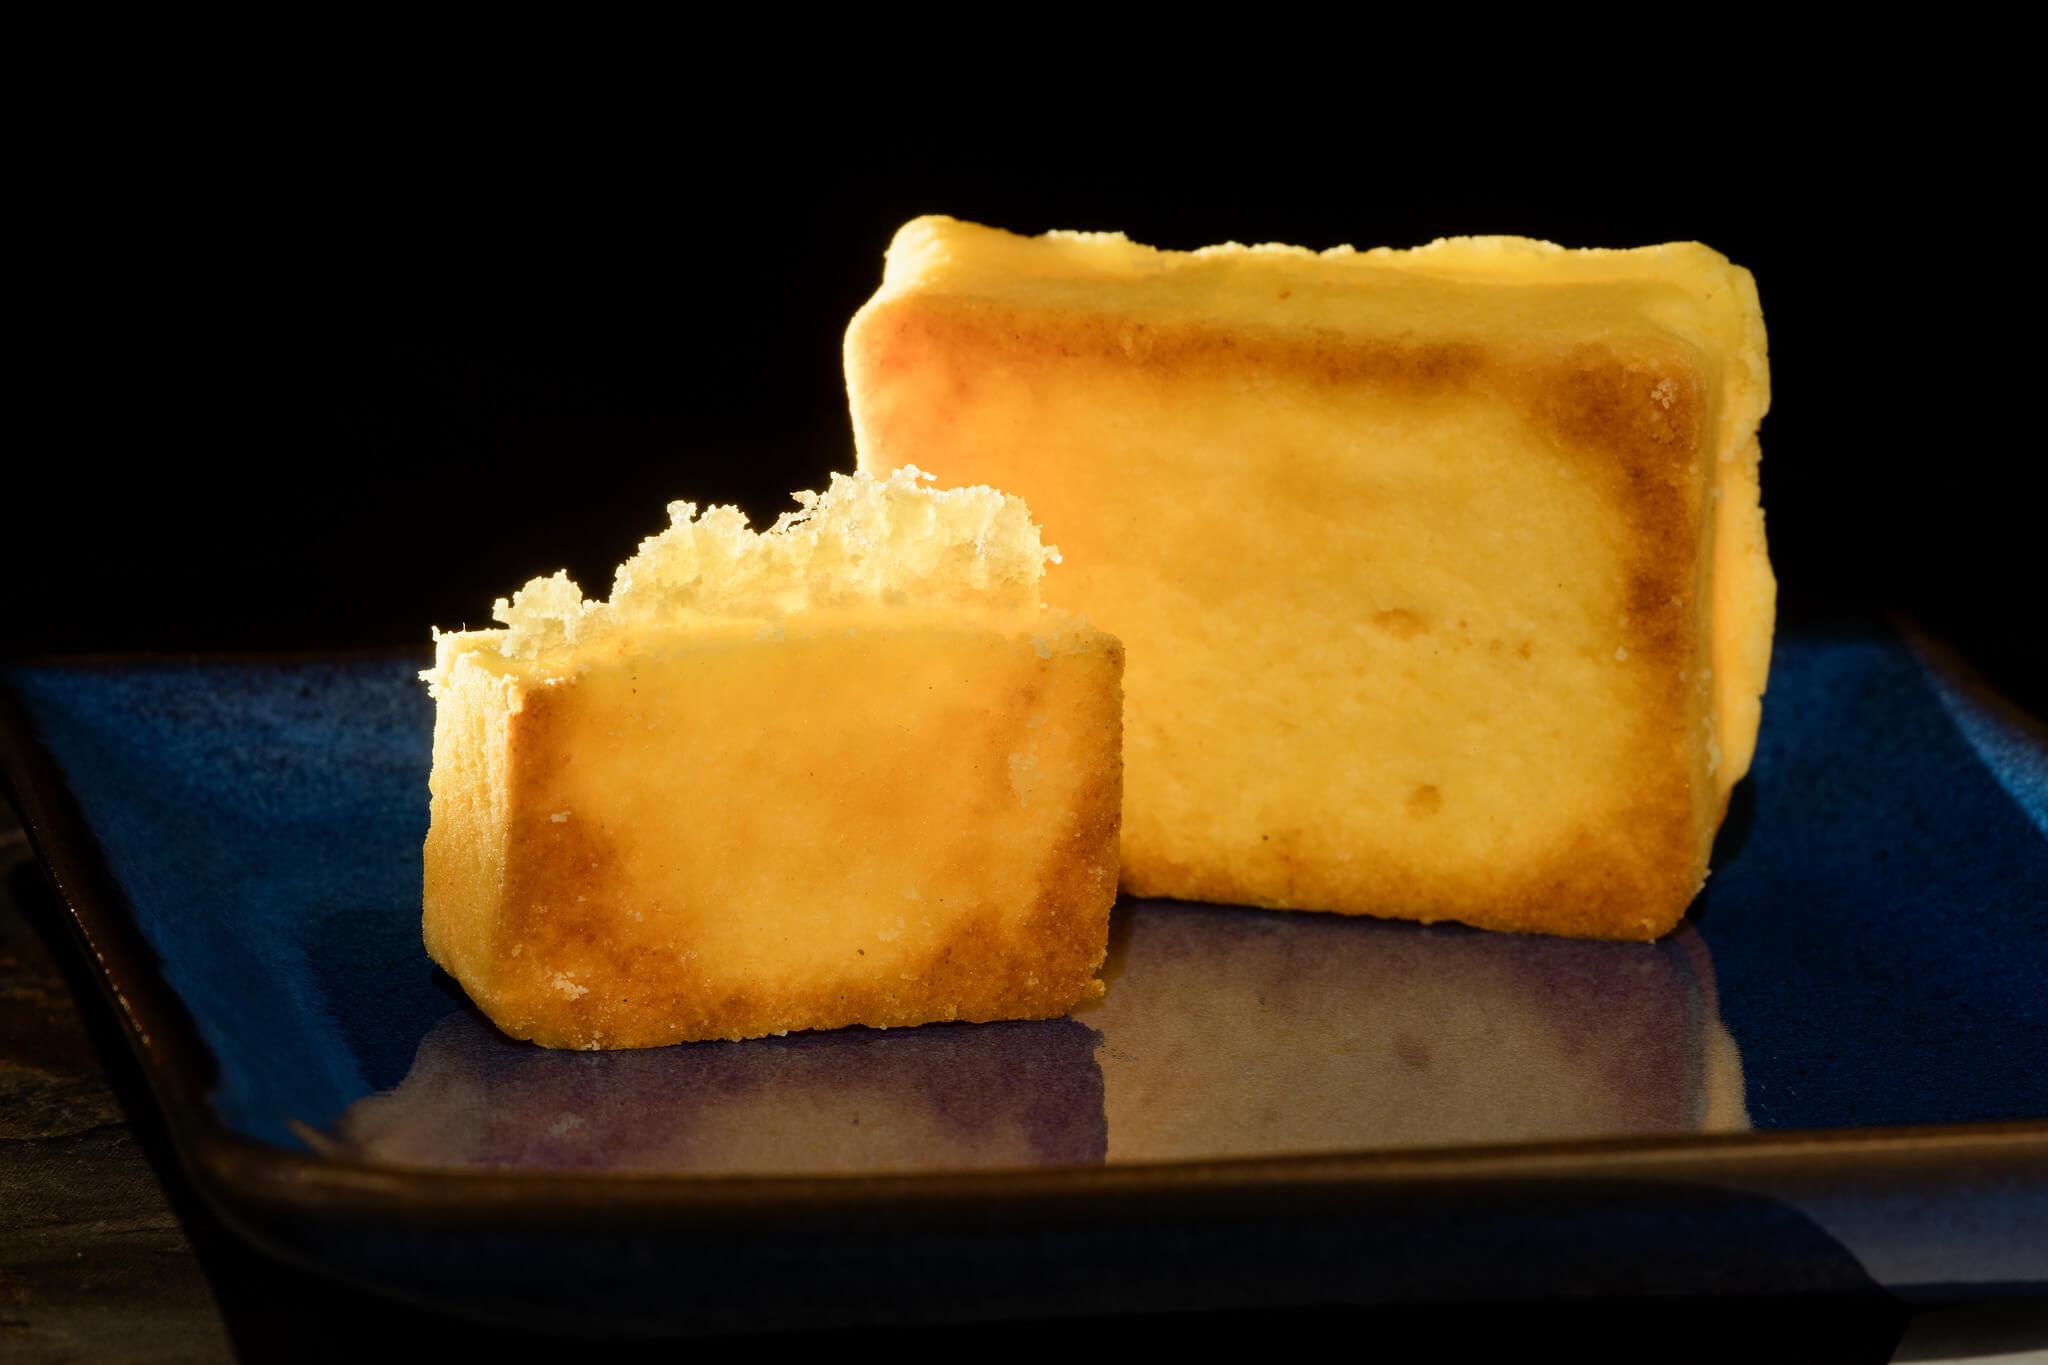 【2018年パイナップルケーキ特集】台湾土産に人気の高級パイナップルケーキ10選!